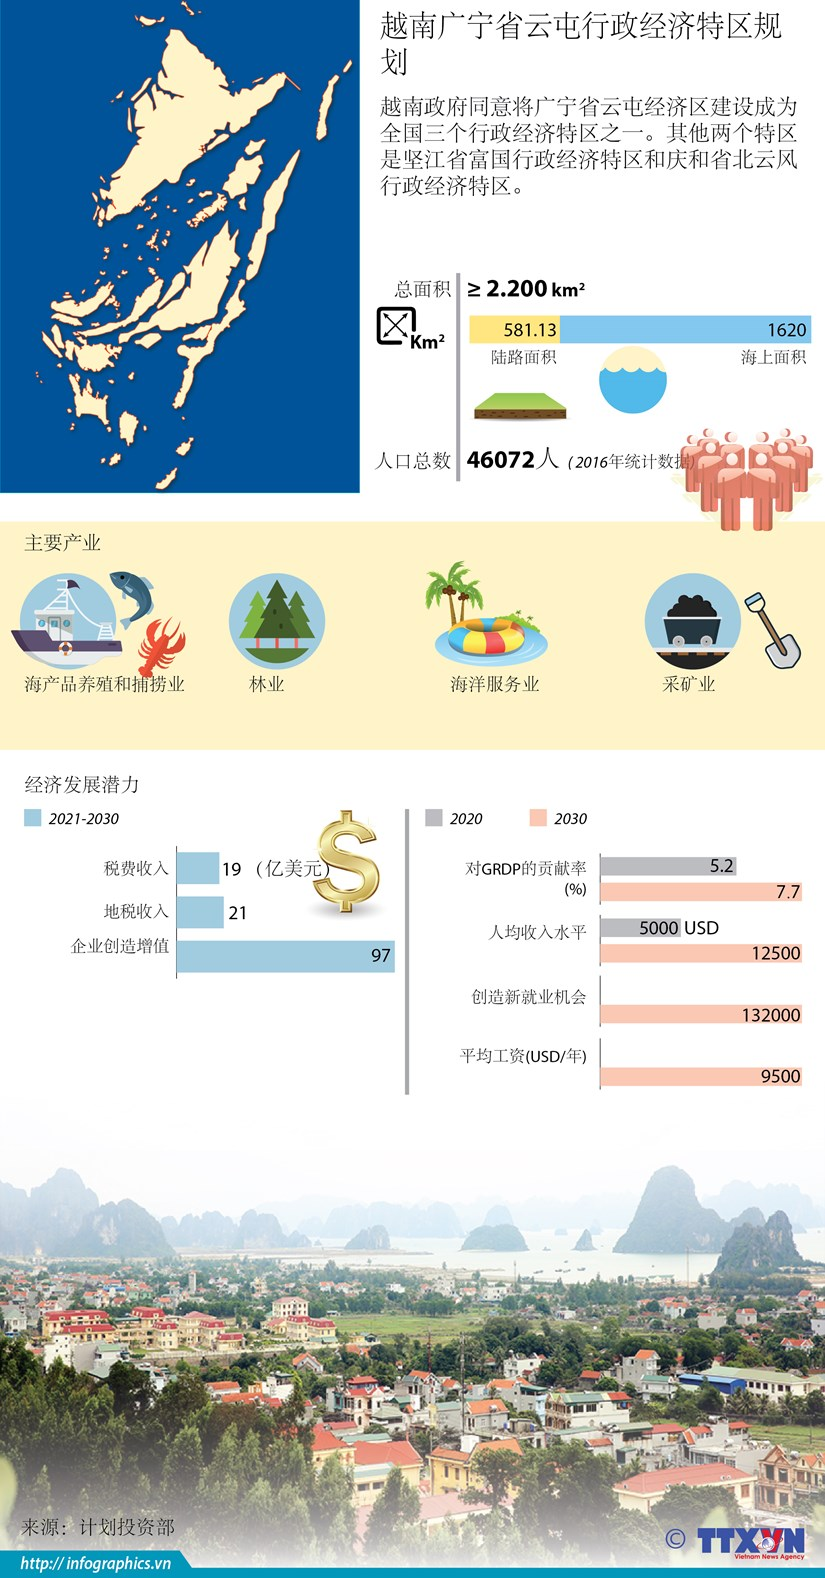 图表新闻:越南广宁省云屯行政经济特区规划 hinh anh 1